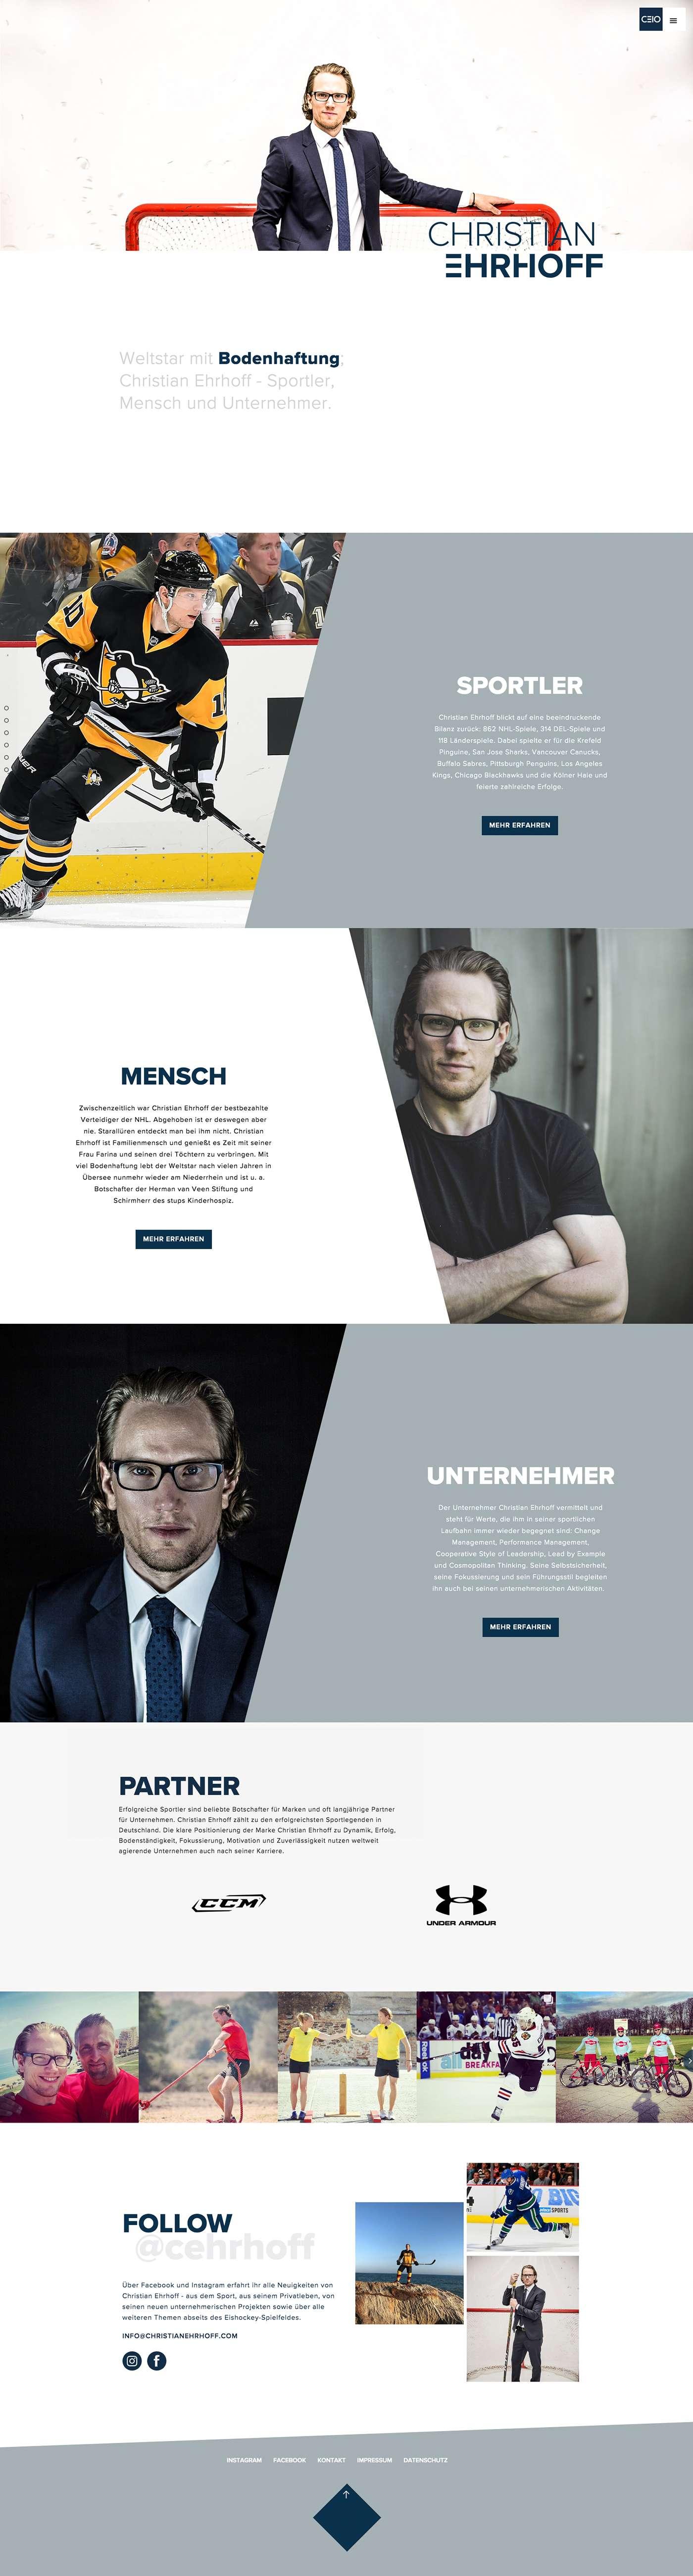 Webseite Christian Erhoff